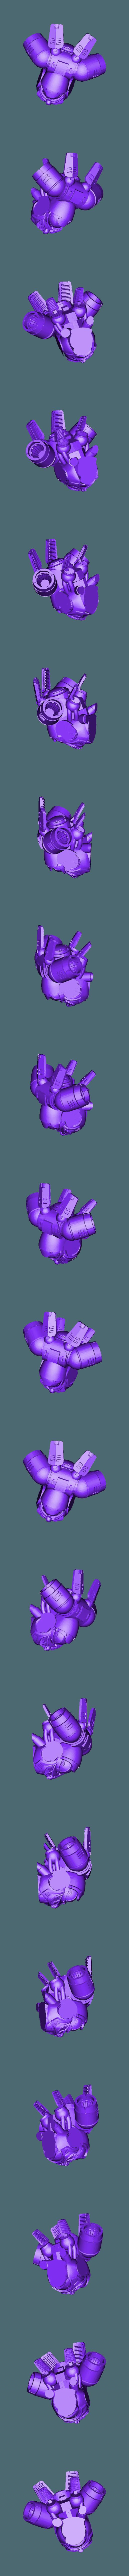 inceptor_torso.stl Download free STL file Inception of intercepting inceptors • 3D printer model, KarnageKing